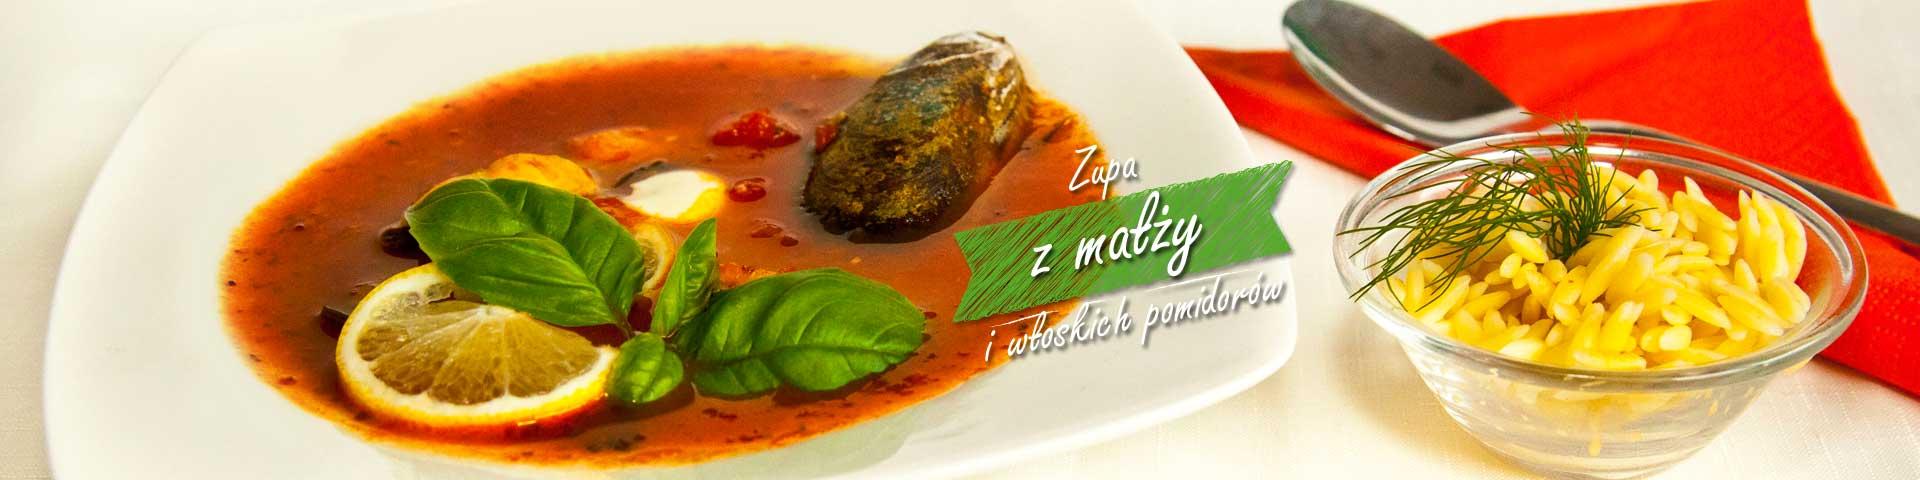 Zupa z małży i włoskich pomidorów